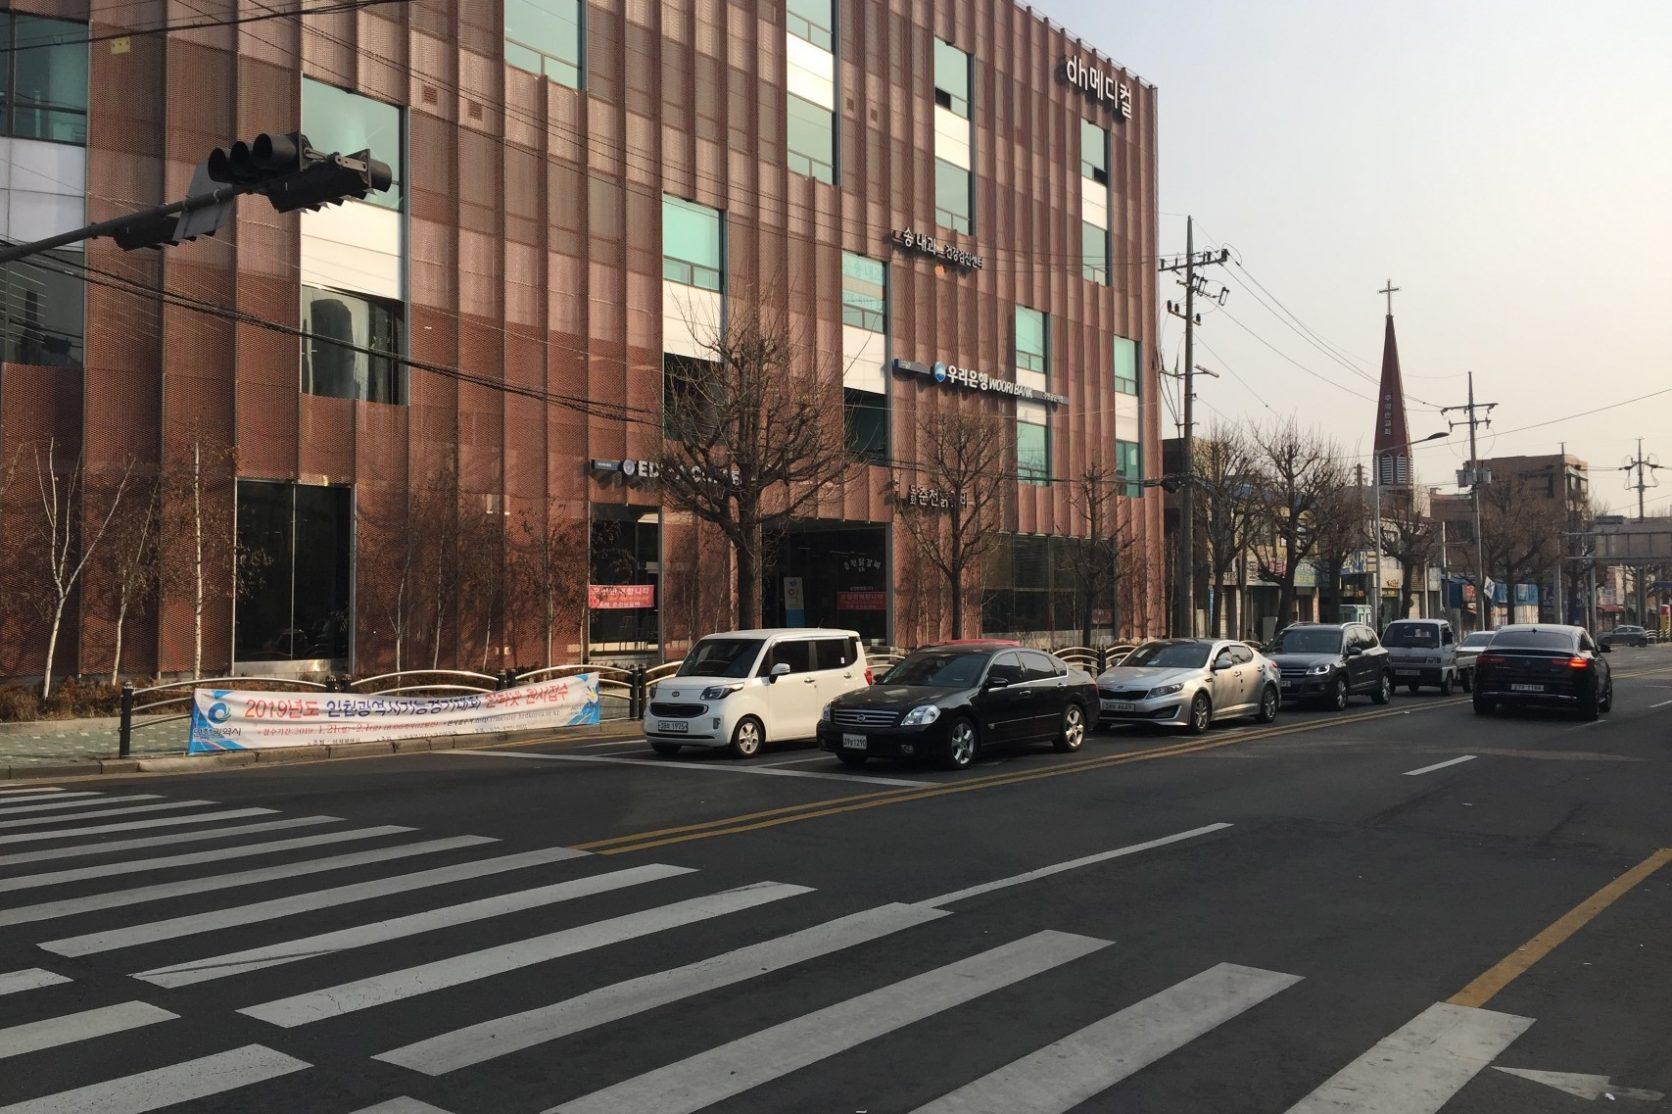 Kantoor gebouw Seoul Zuid-Korea gevel van strekmetaal